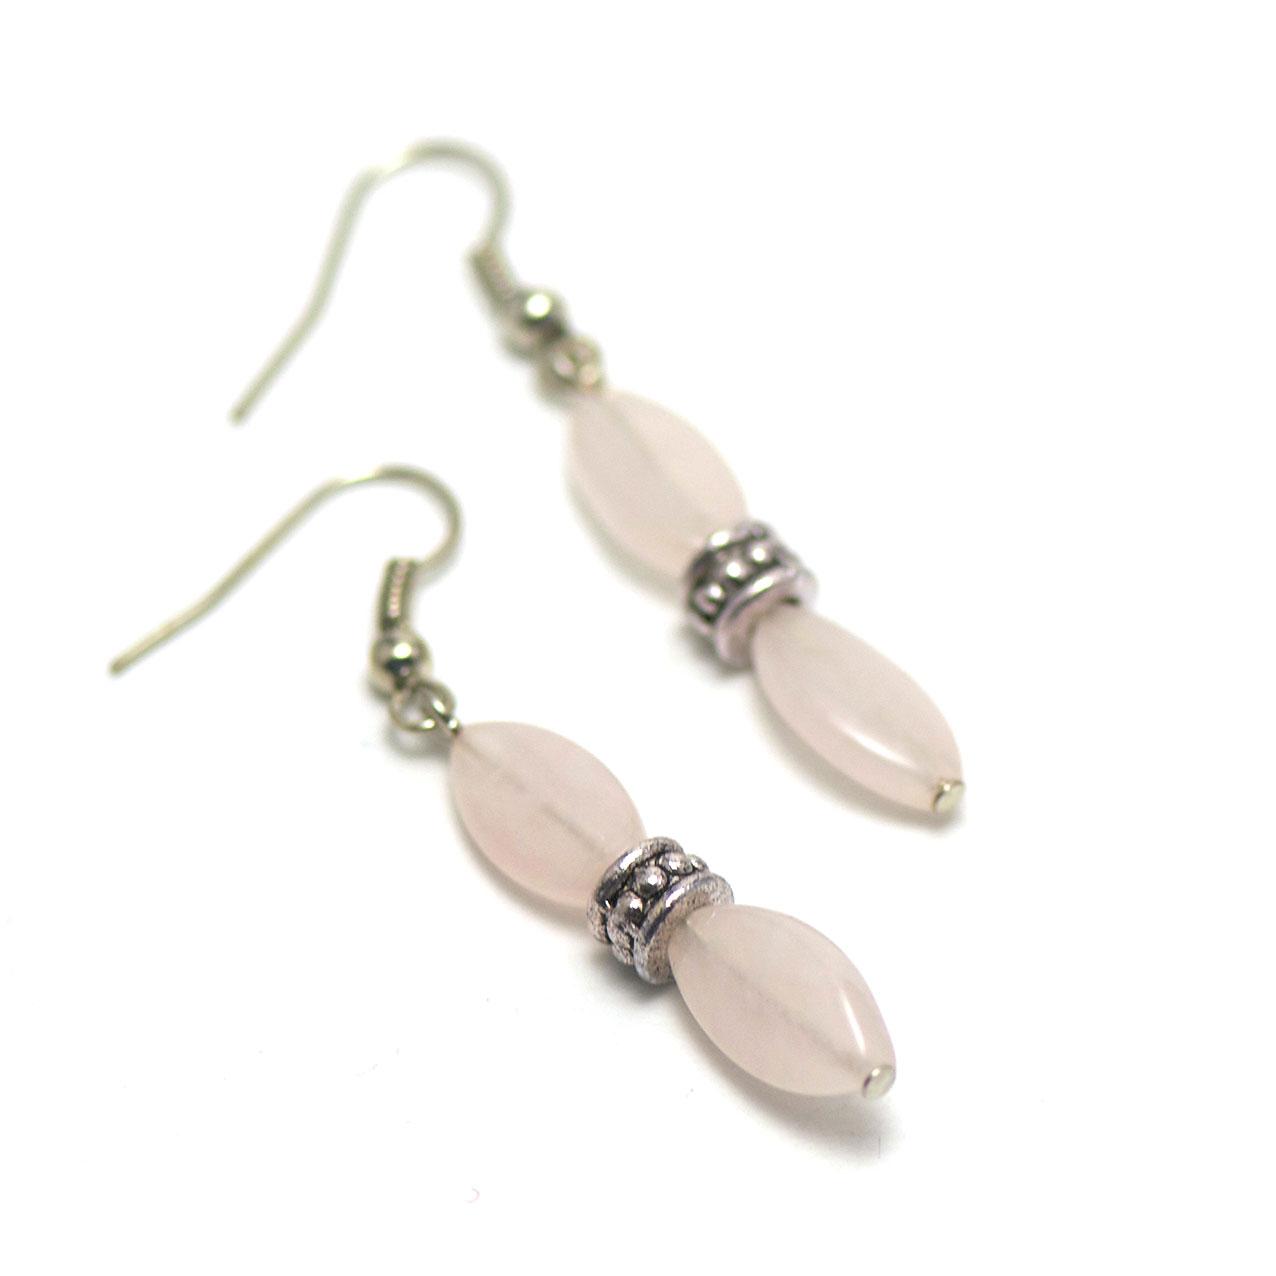 boucle d 39 oreille quartz rose double ovale fine perle argent boucle d 39 oreille quartz rose. Black Bedroom Furniture Sets. Home Design Ideas